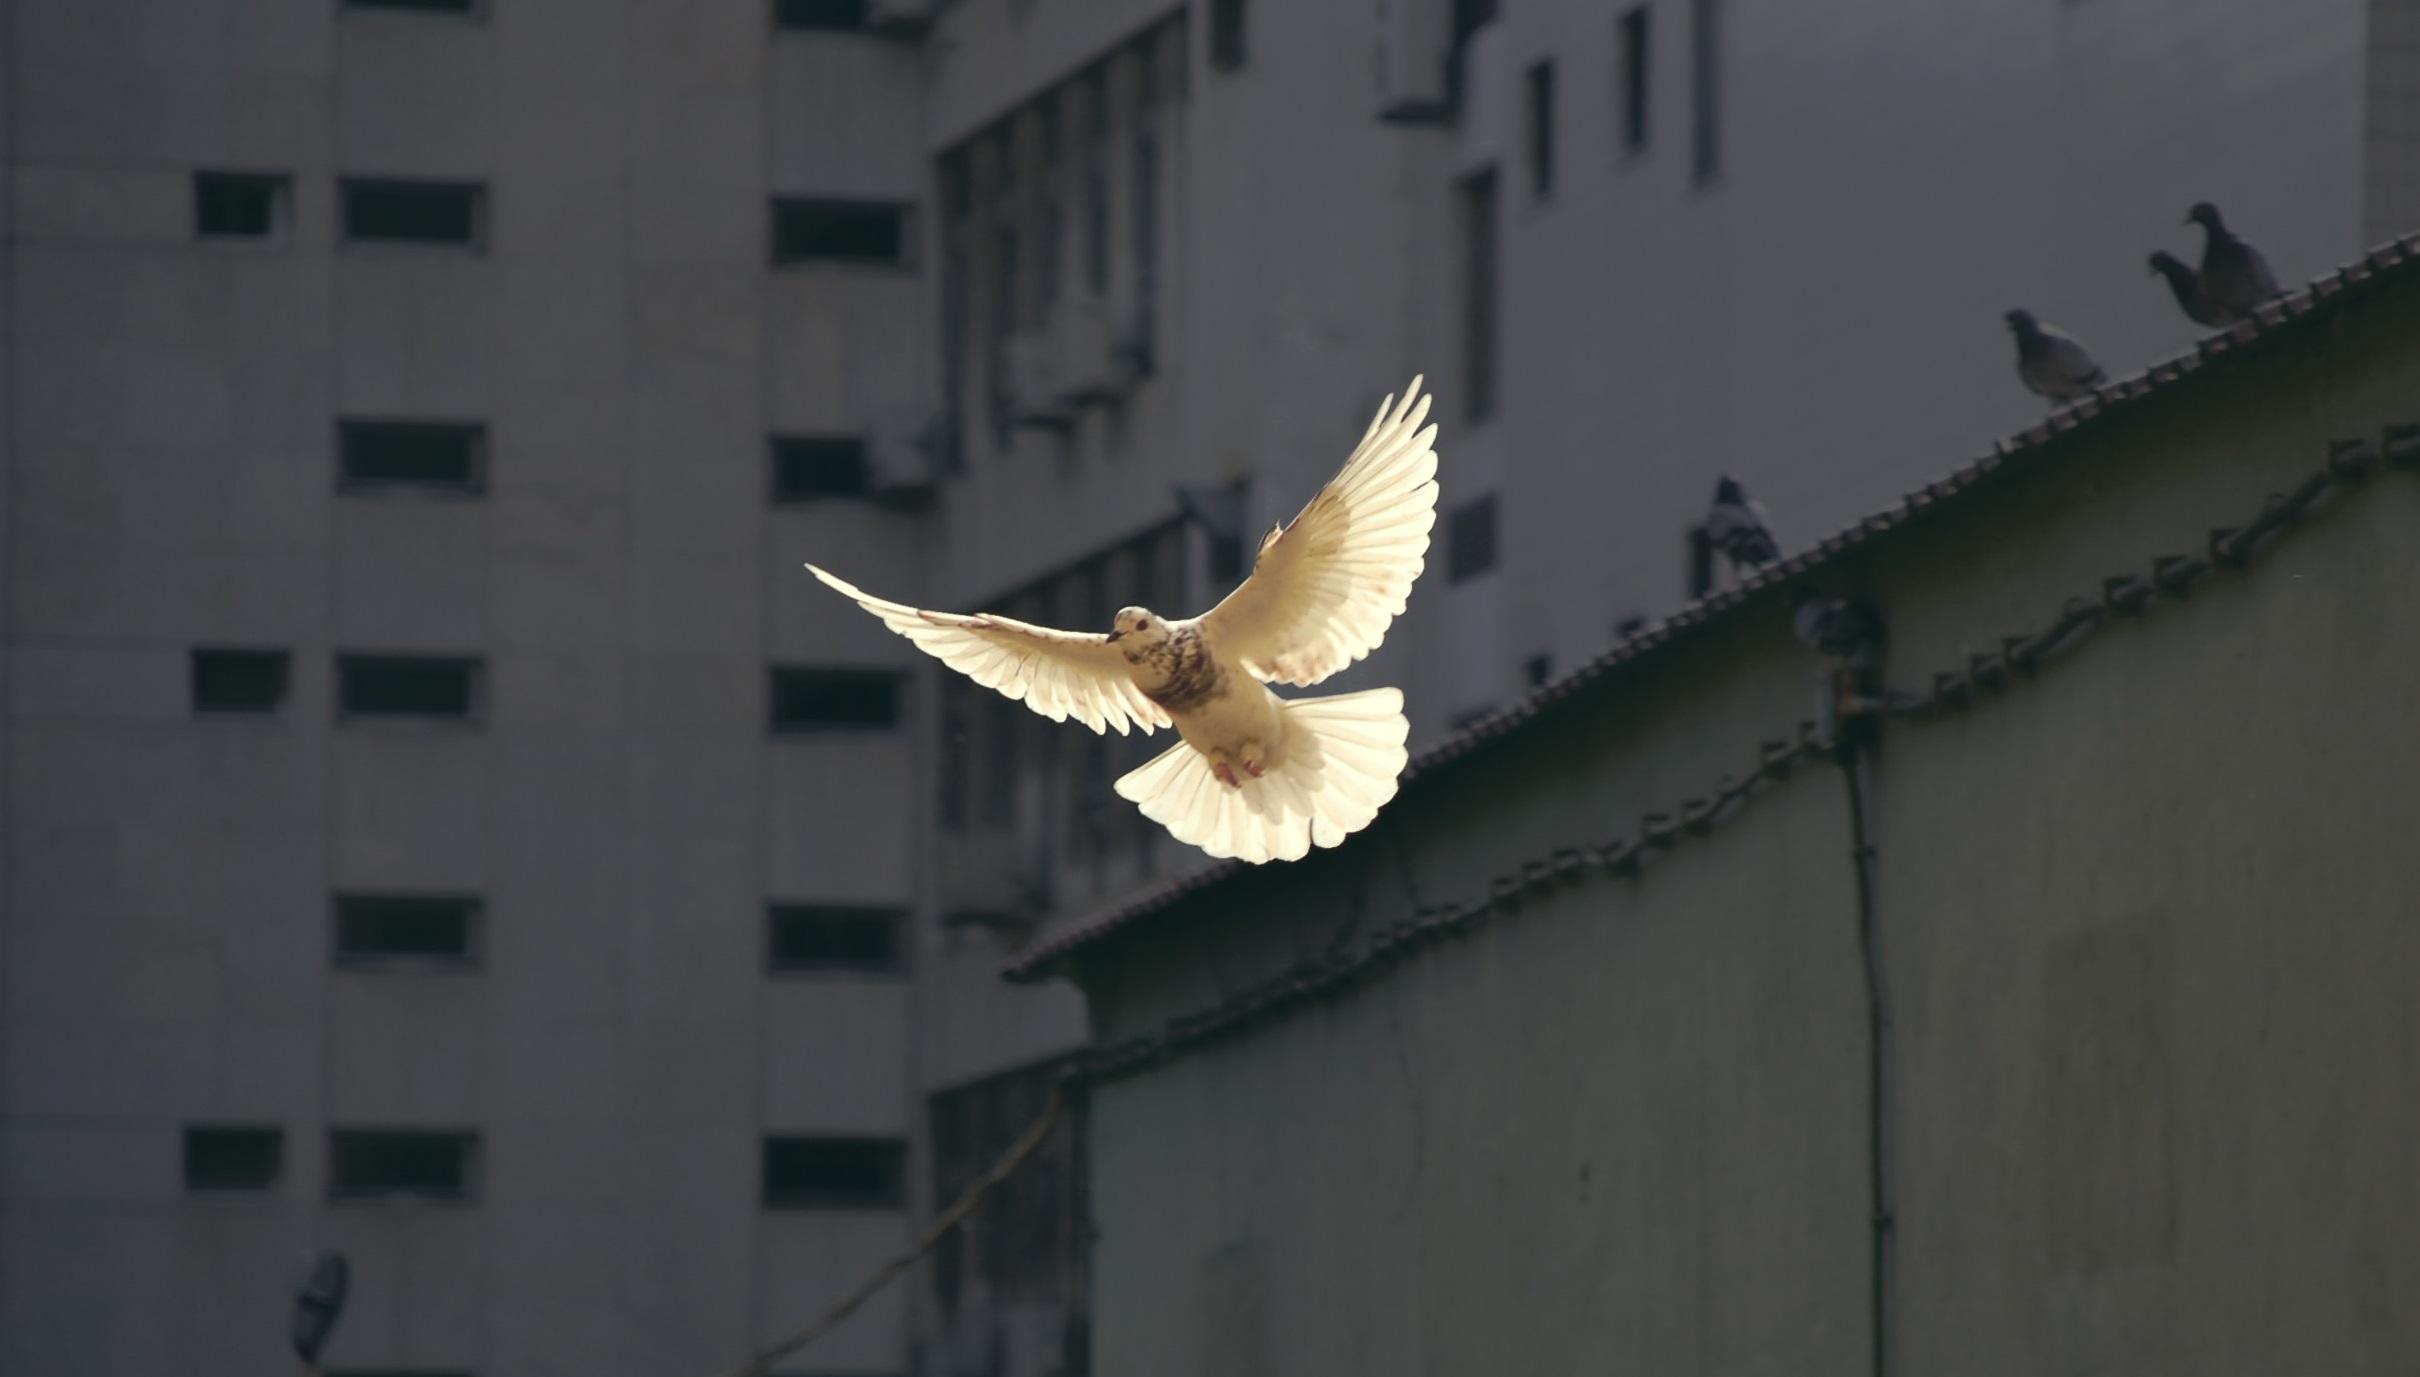 Kyyhky on yksi rauhan symboleista.Kuvassa lentävään valkoiseen kyyhkyyn osuu auringonvalo, taustalla harmaa rakennus.